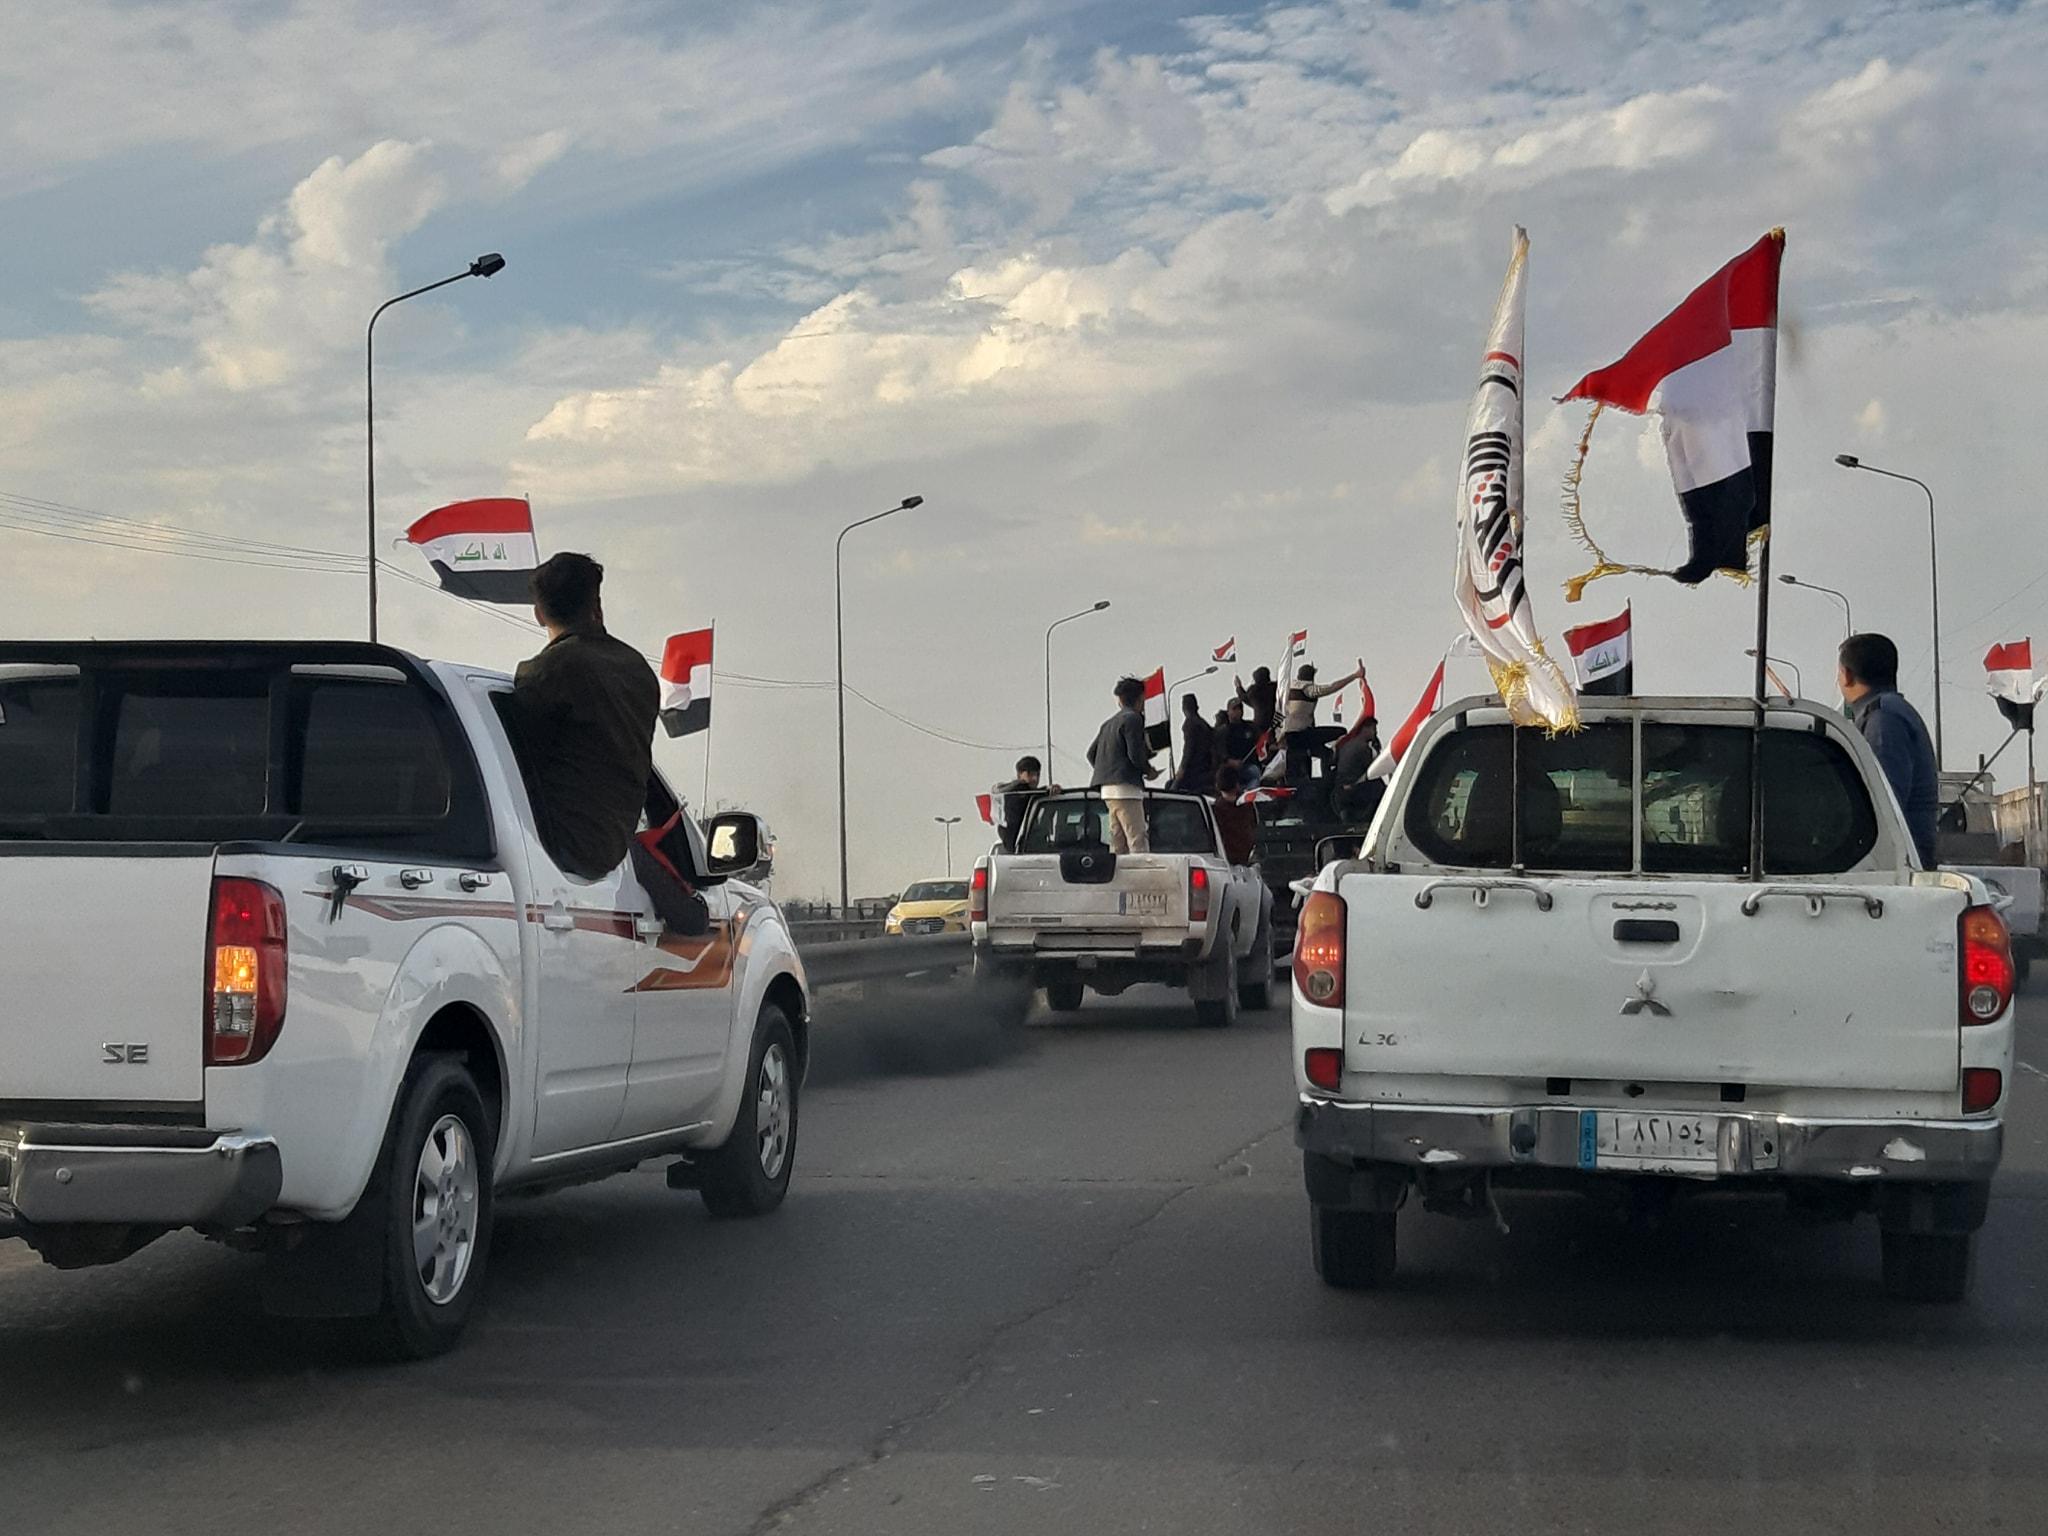 """بغداد.. الحشد الشعبي يطارد """"الجوكر"""" في مسيرة بالمركبات العسكرية!"""